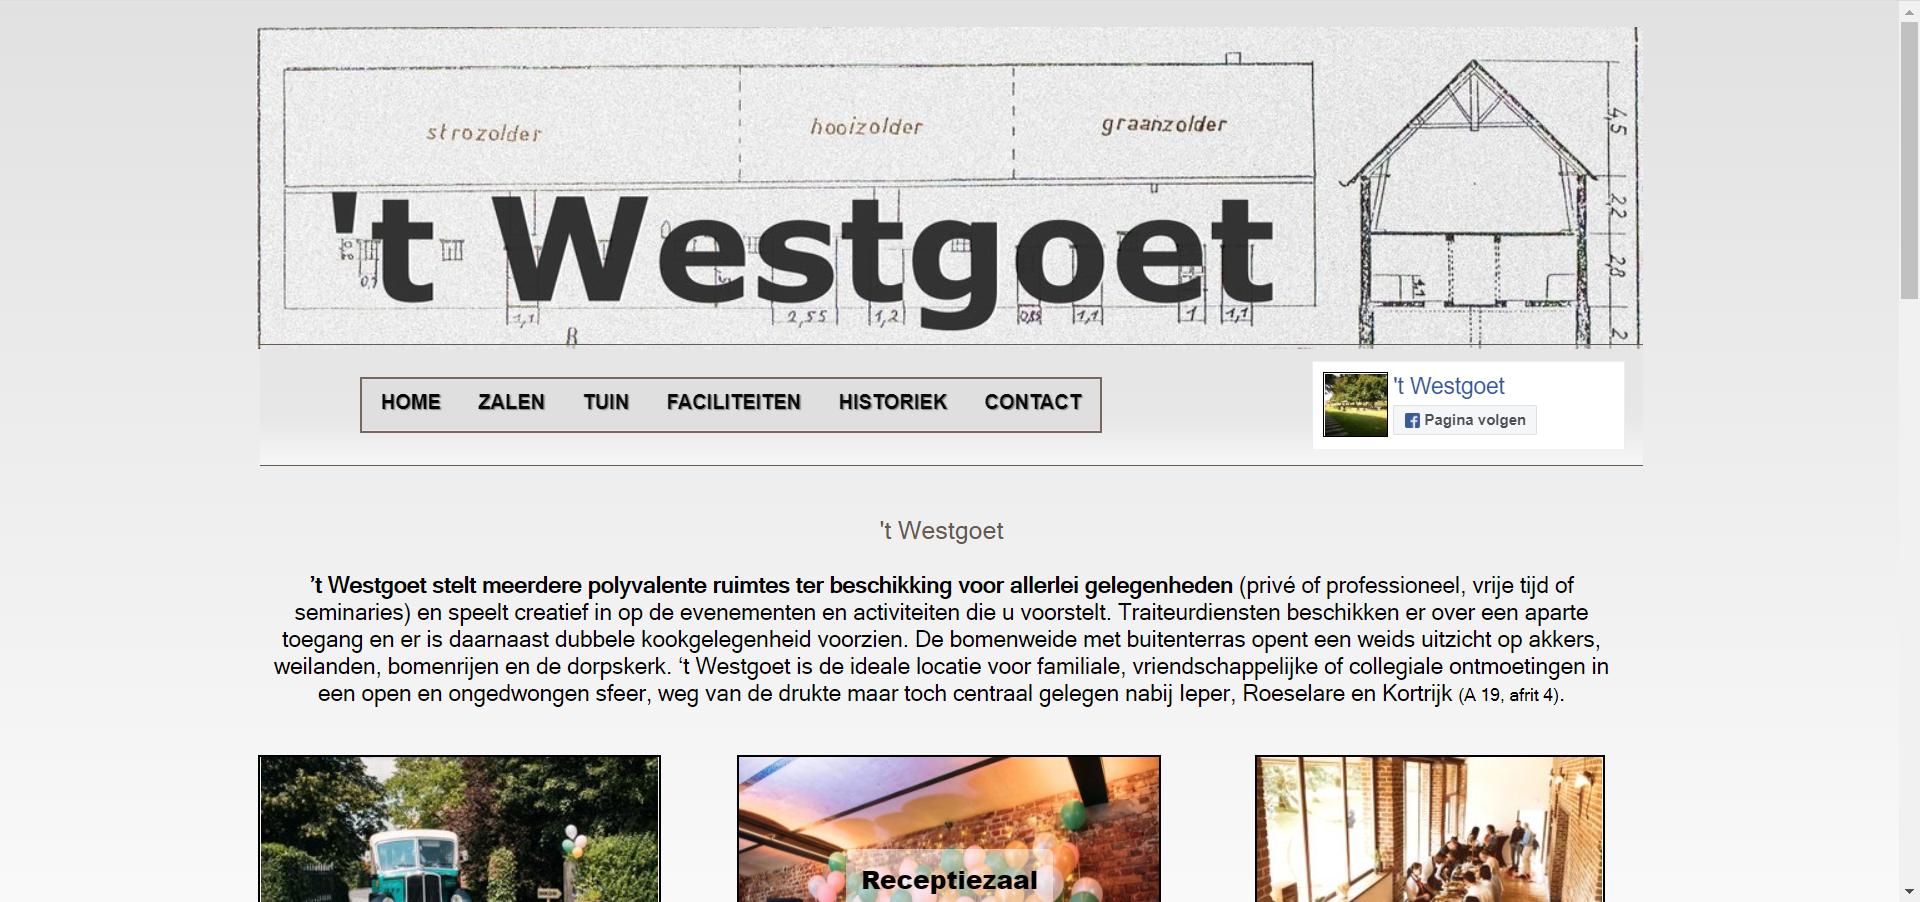 westgoet